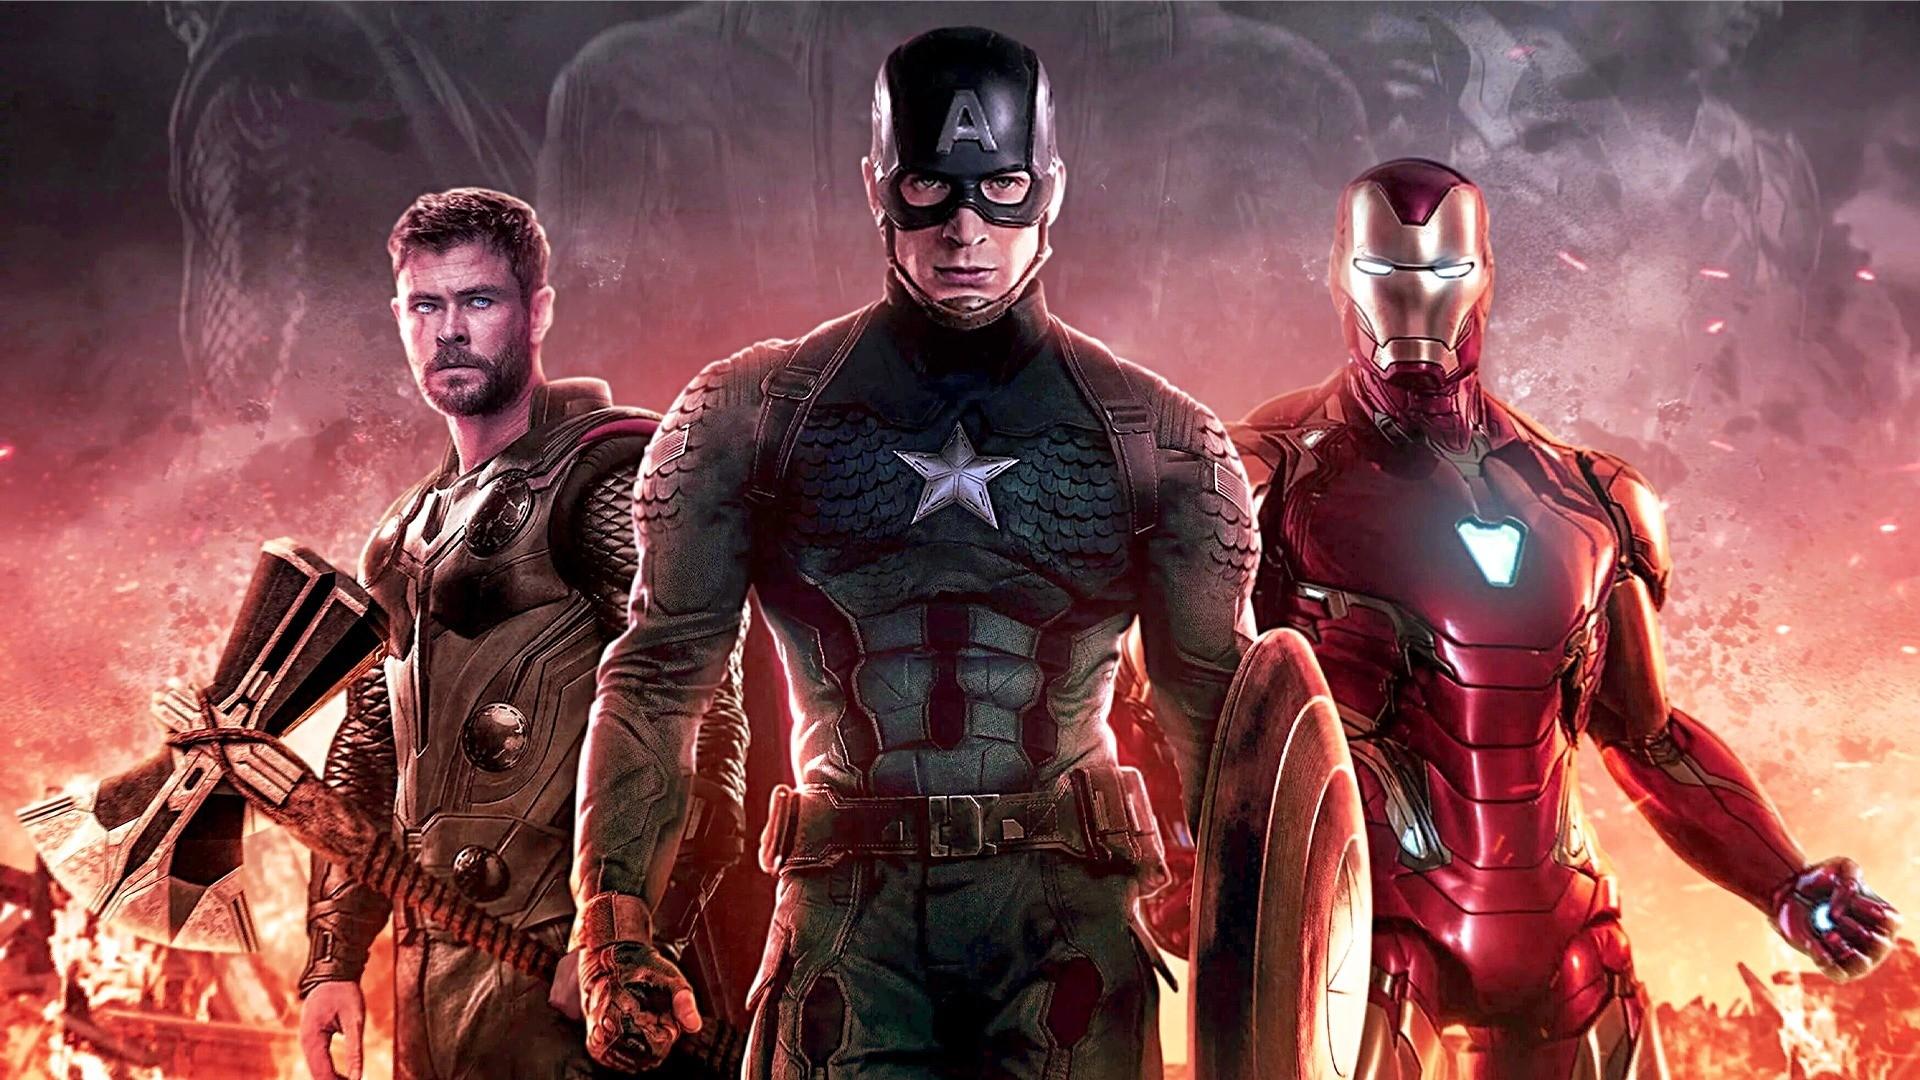 záver Avengers Endgame